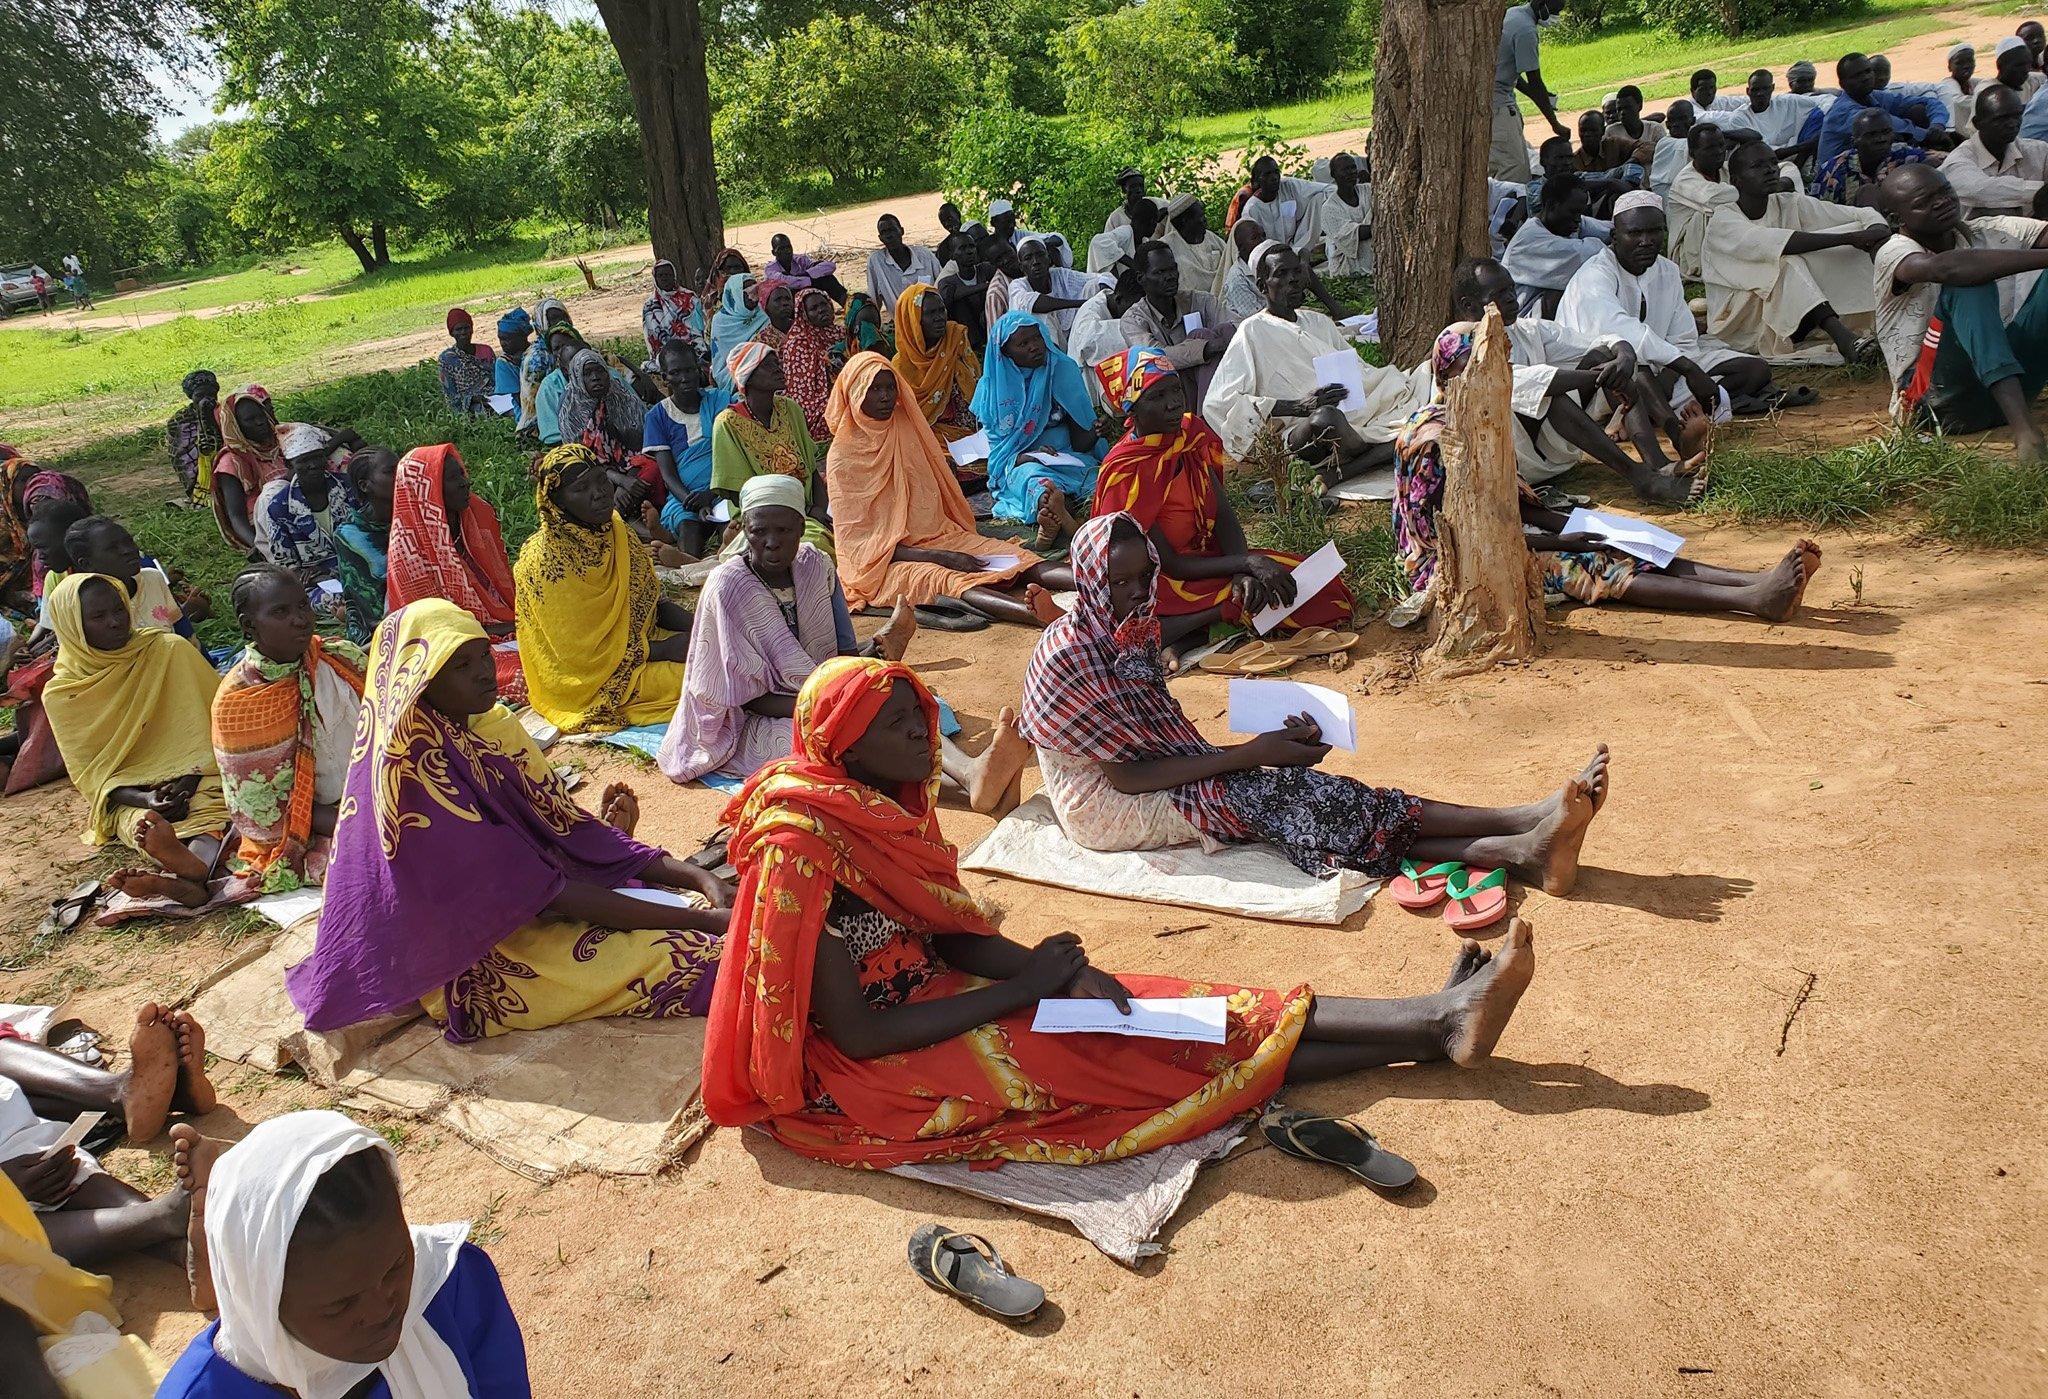 Médico cristão libertou mais de 1.000 escravos no Sudão em 2020